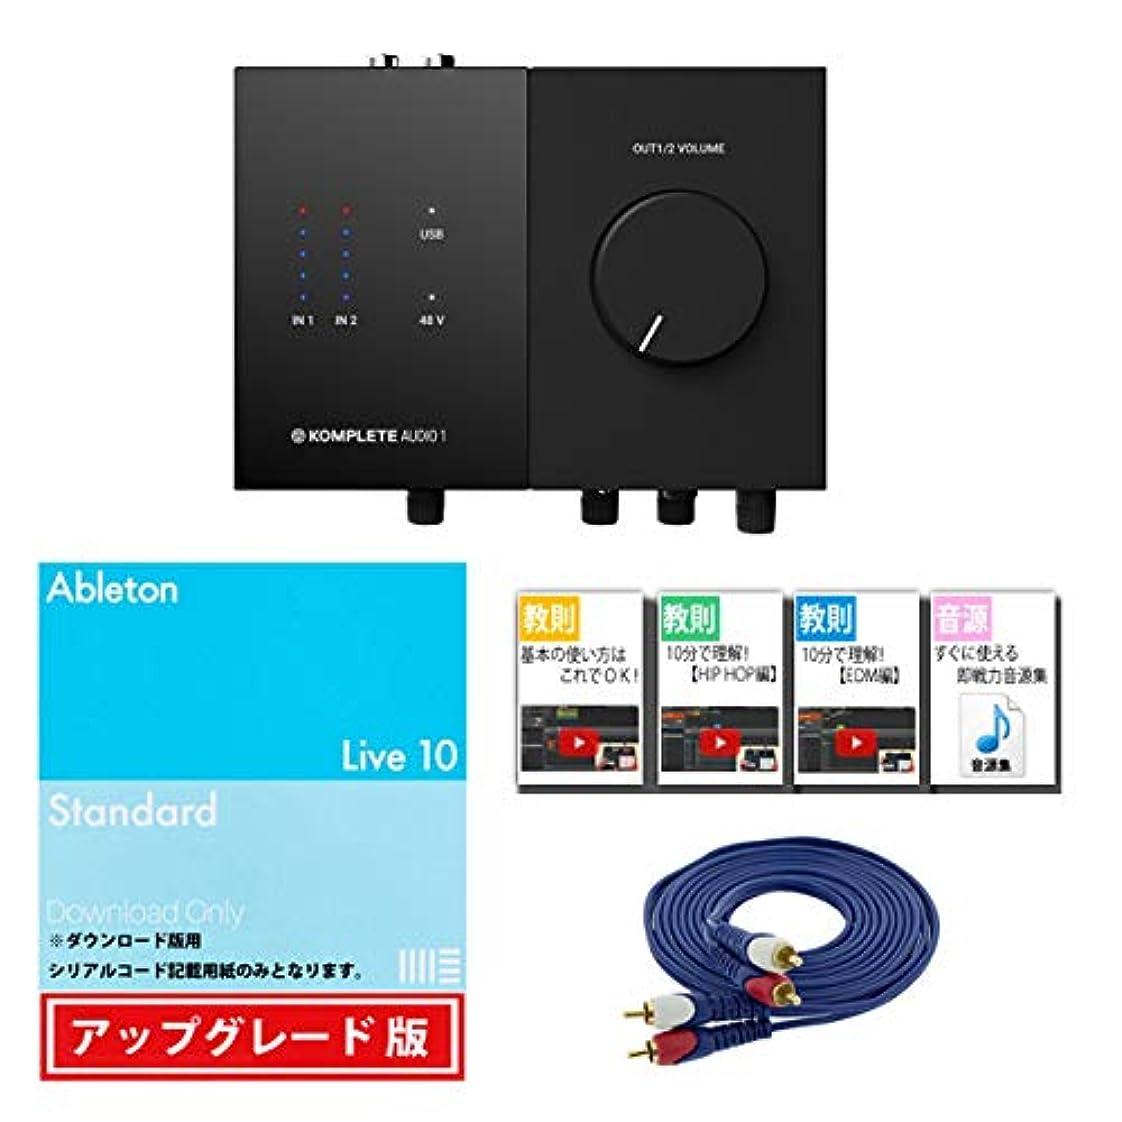 カメ抗生物質粘り強い5大特典 KOMPLETE AUDIO 1 / Ableton Live 10 Standard UPG セット